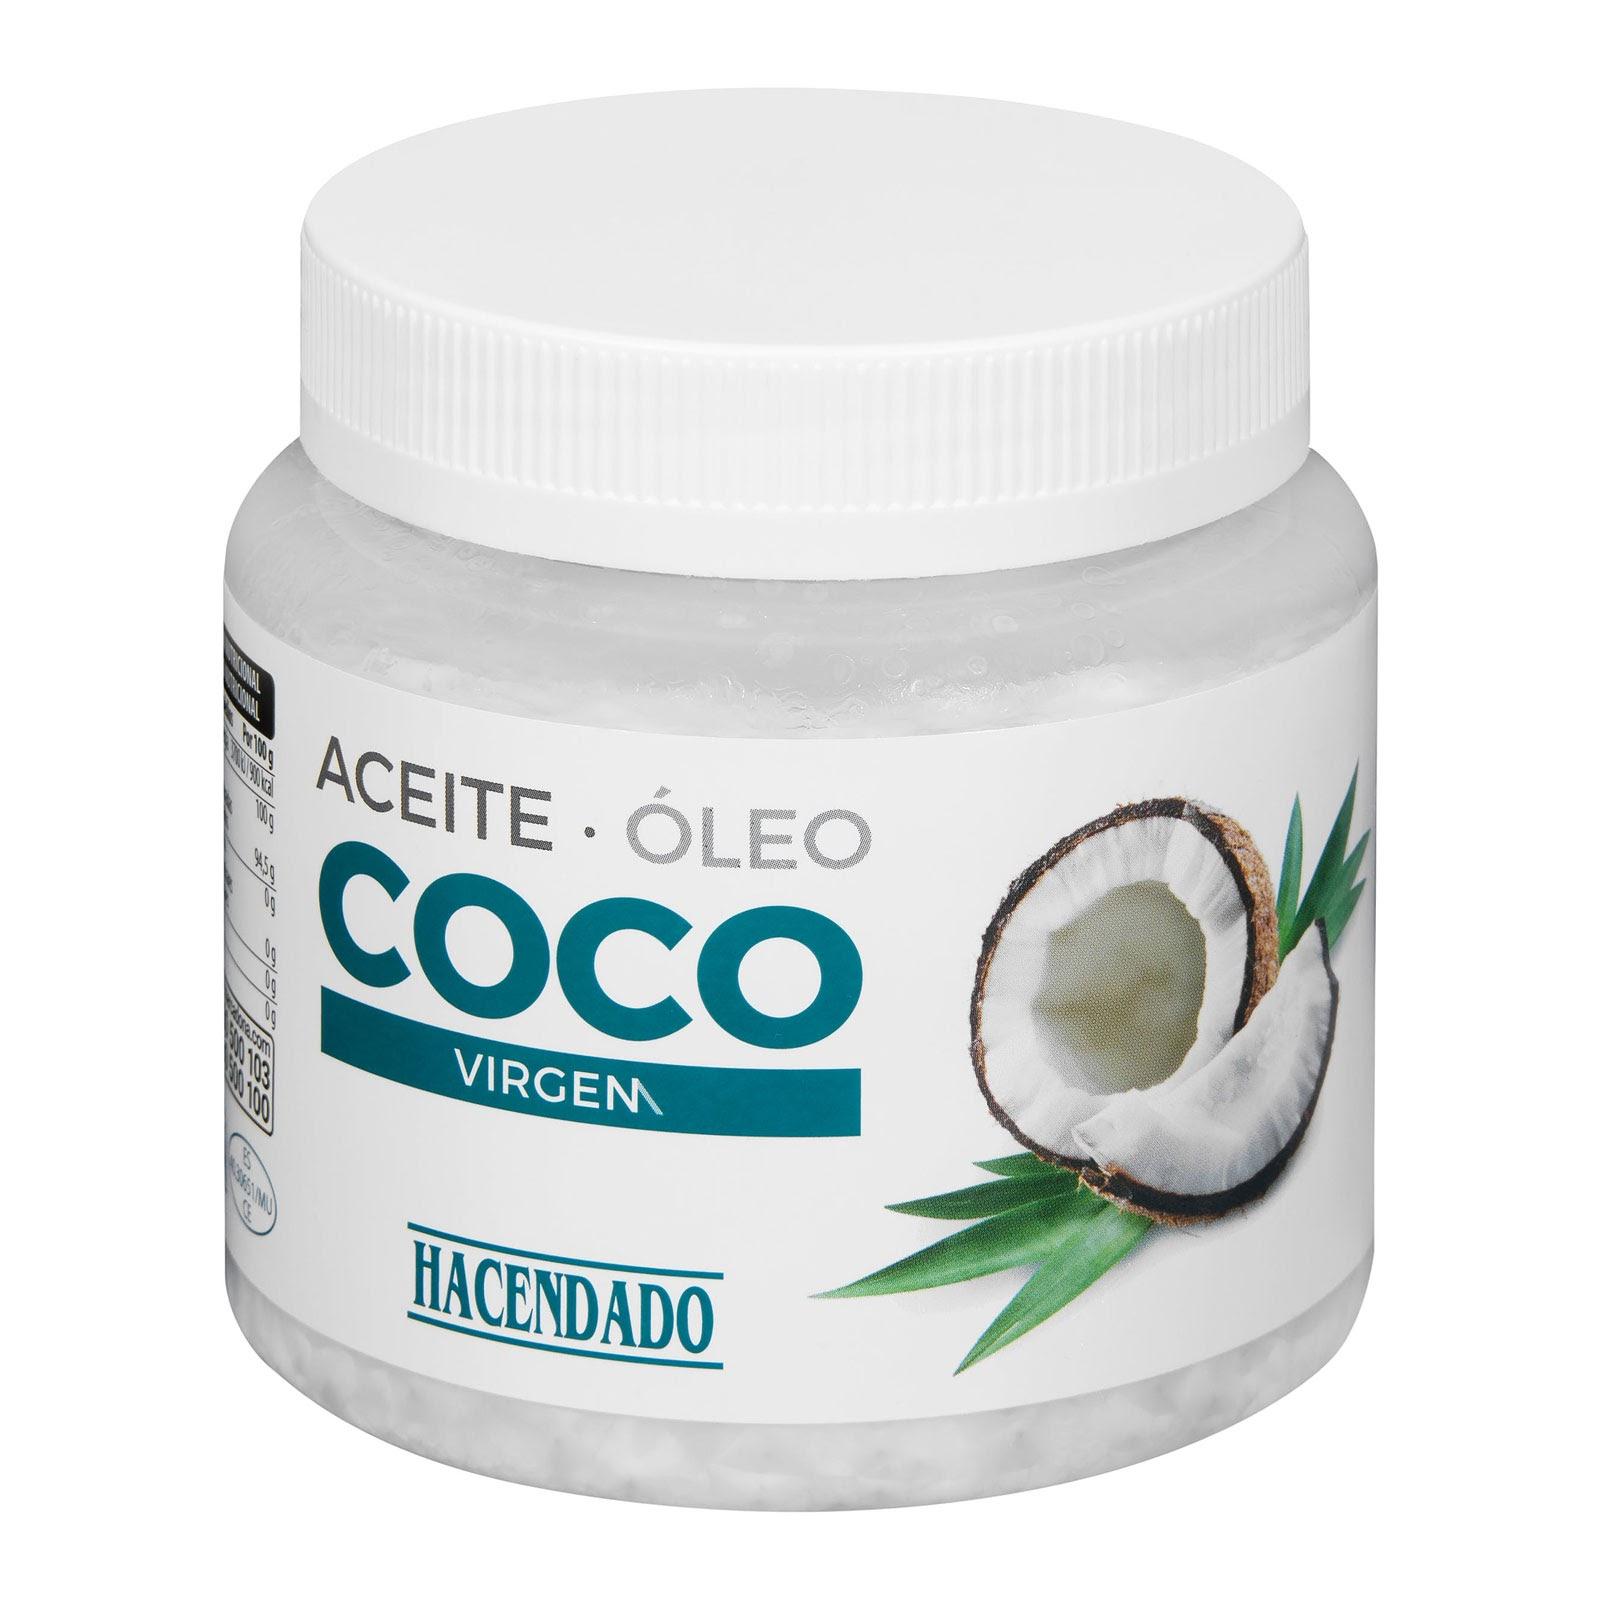 Aceite de coco virgen Hacendado